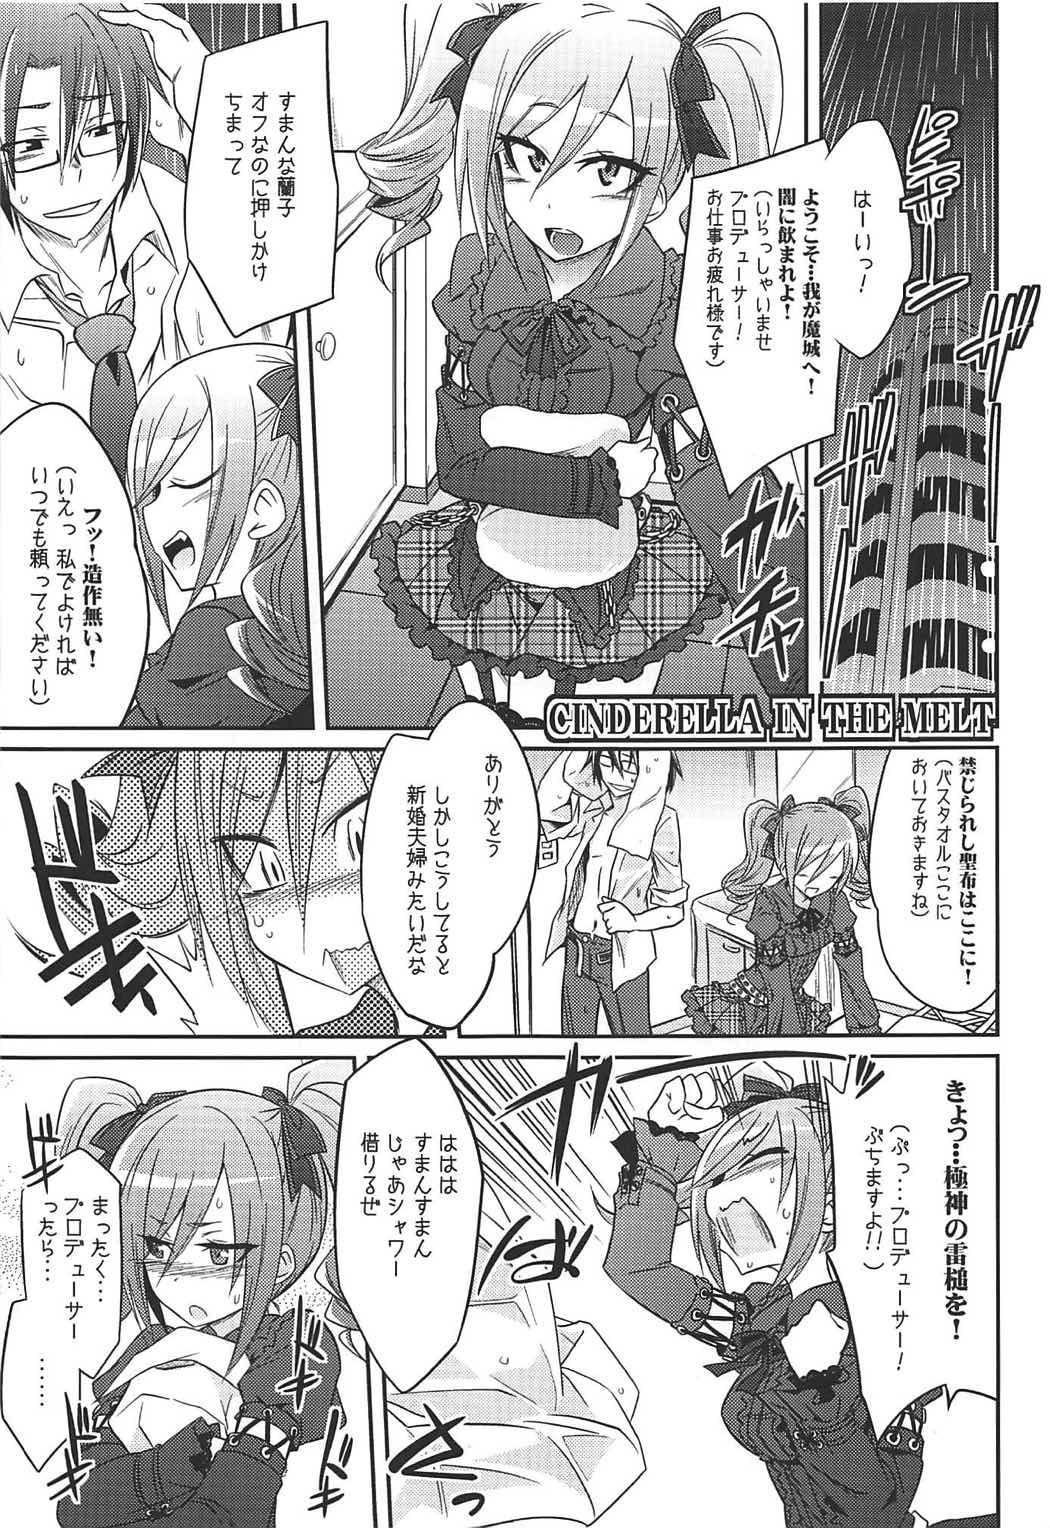 Datenshi no Chronicle 47